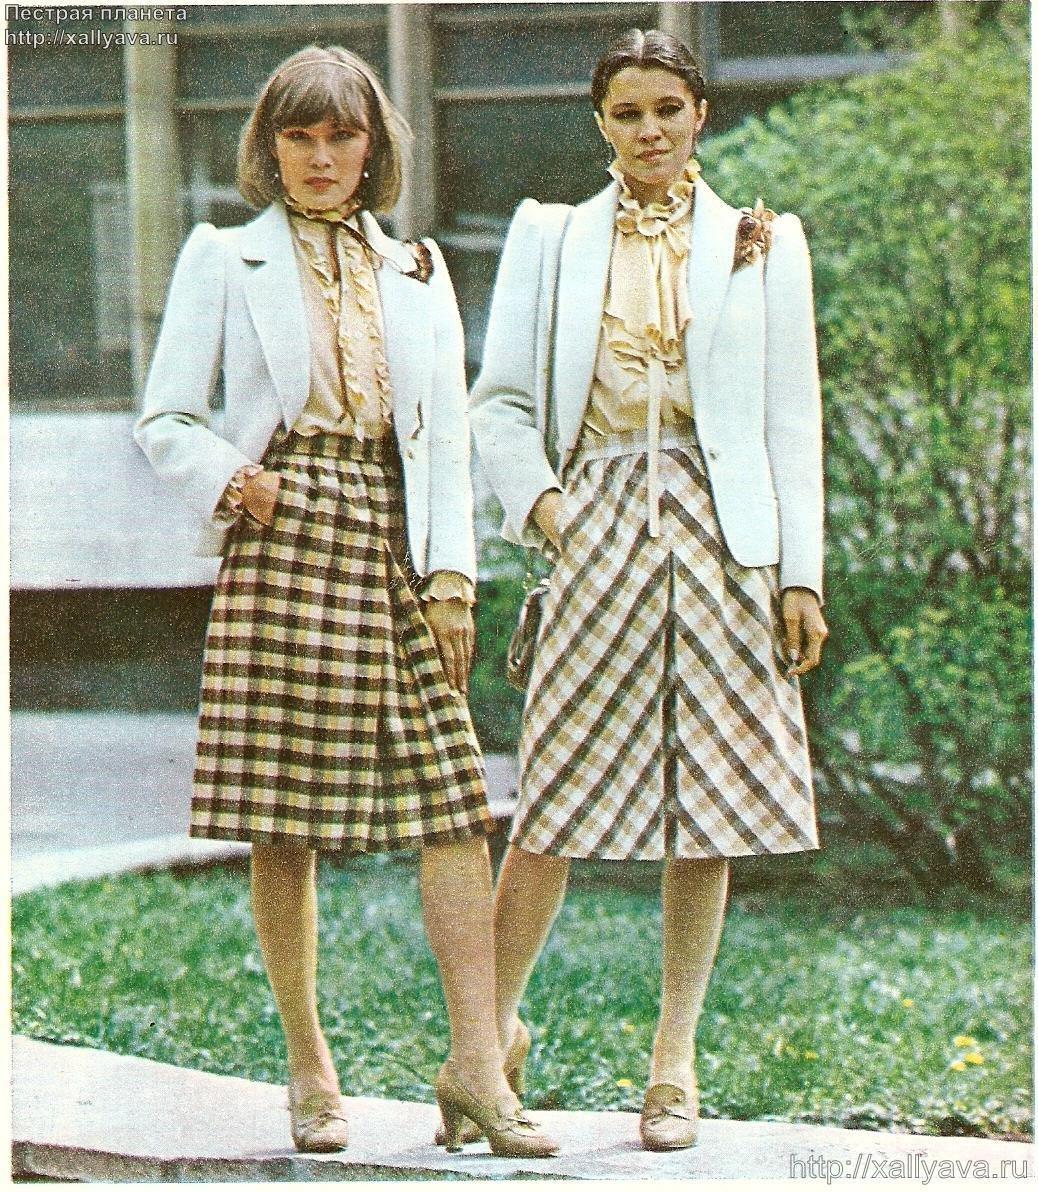 ныне живущему картинки мода в советском союзе лента даст сползти